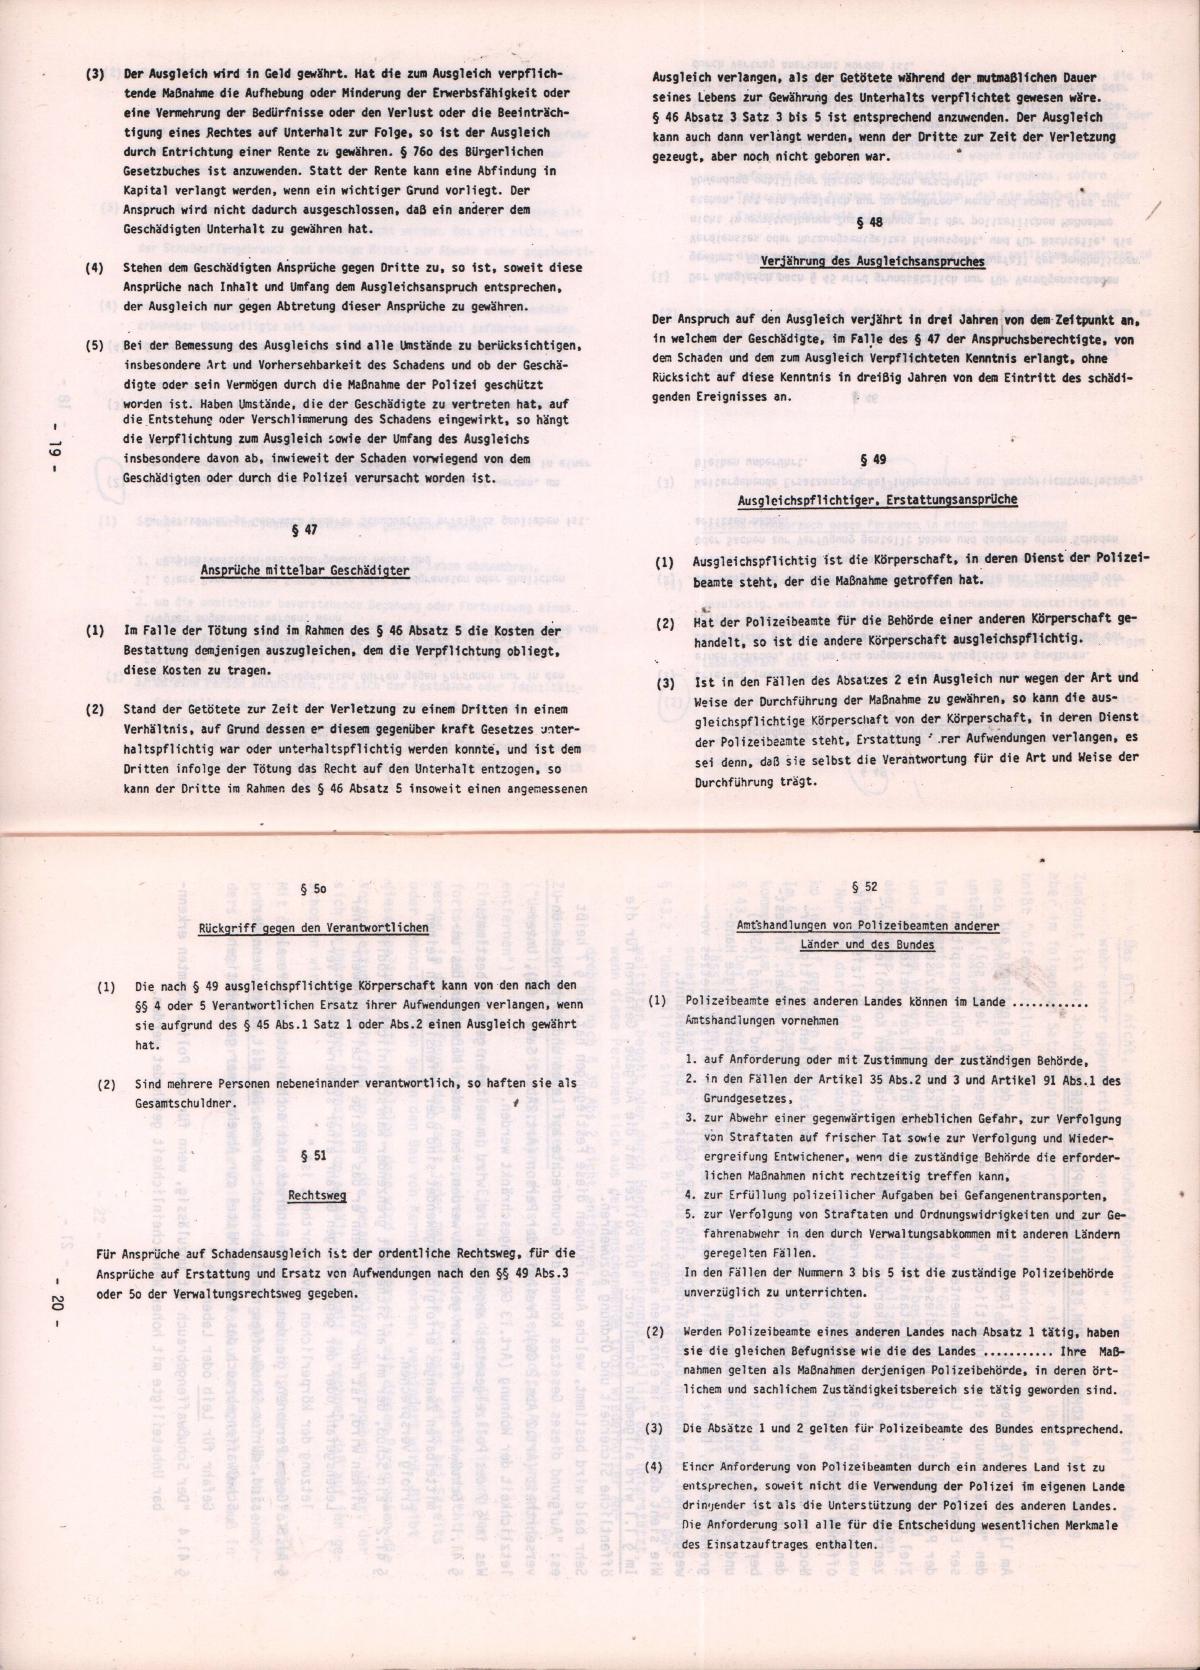 Polizeigesetz065